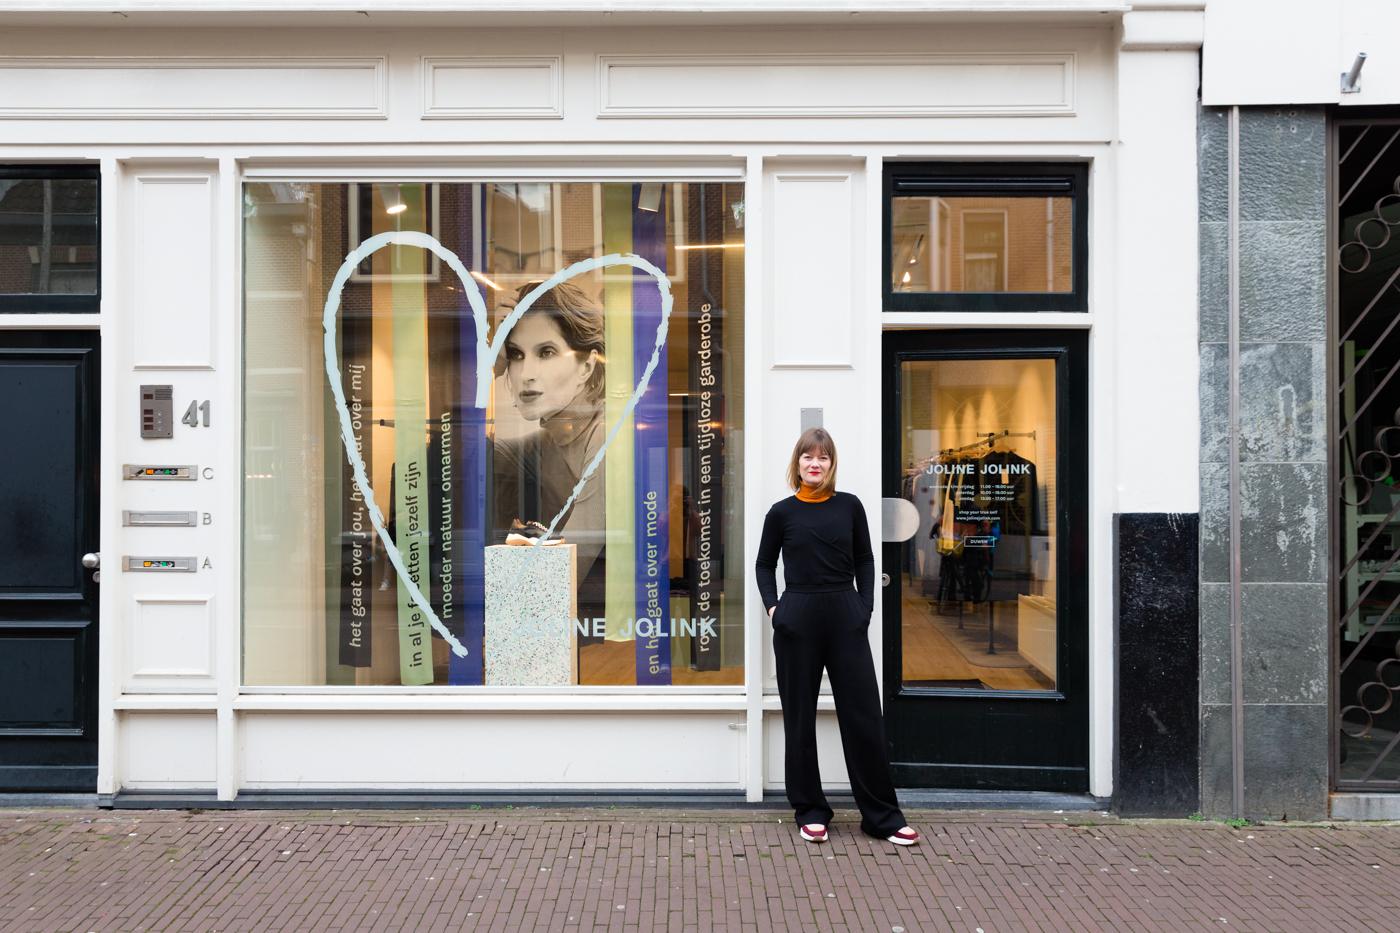 Voorgevel van de winkel van Joline Jolink in Utrecht